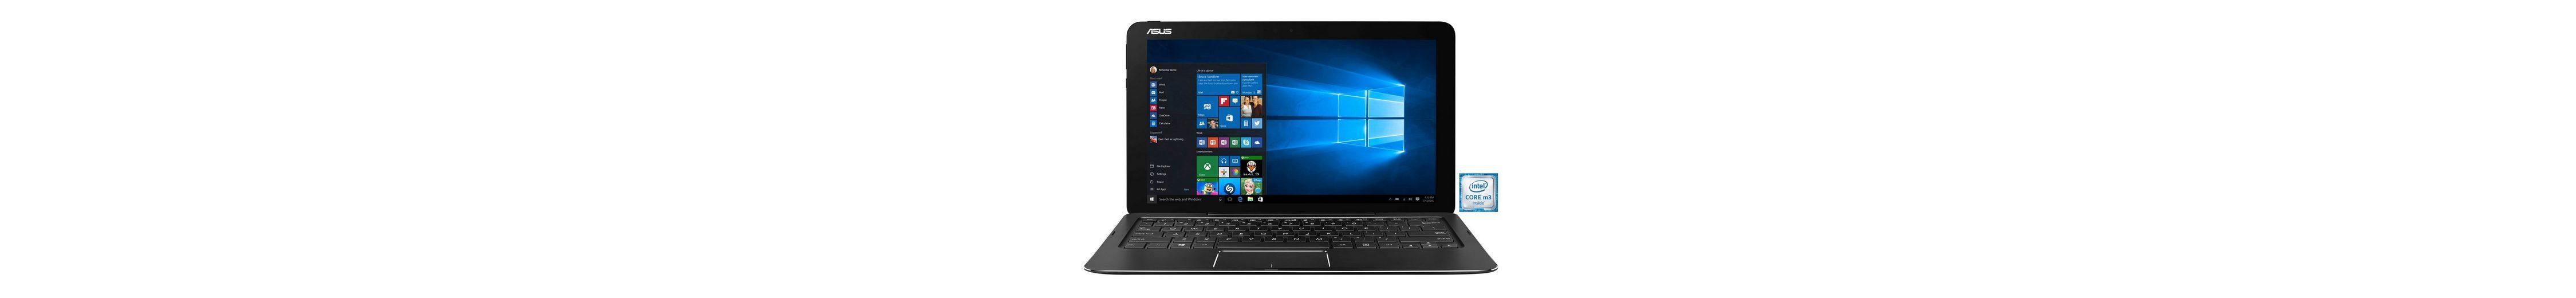 """ASUS T302CA-FL012T Notebook »Intel Core m3, 31,7cm (12,5""""), 256 GB SSD, 8 GB«"""